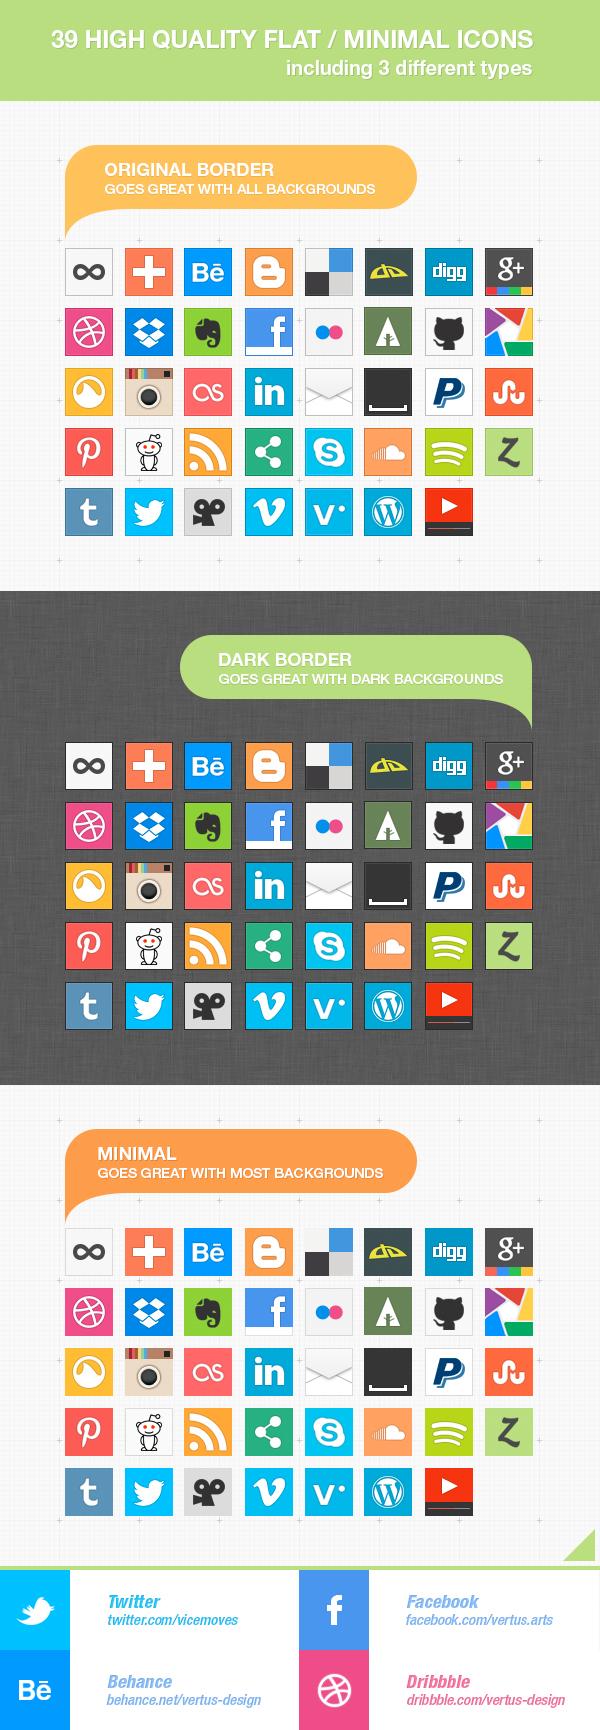 39 Free HQ FLAT Minimal Social Icons